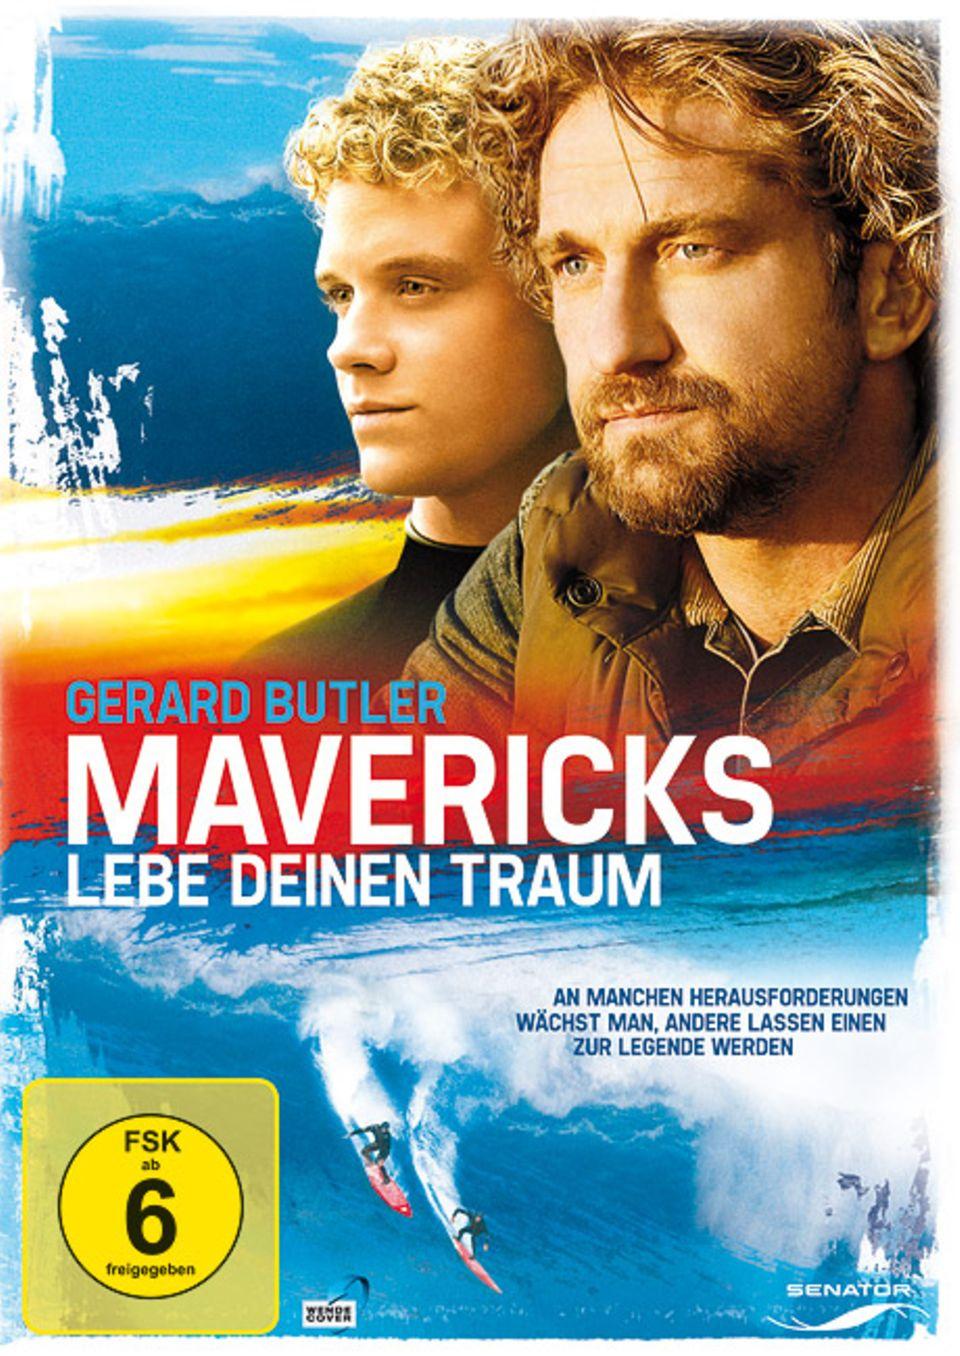 """""""Mavericks - Lebe deinen Traum"""" erschien 2012 als Spielfilm. Jetzt ist der Film auch in Deutschland im Handel erhältlich"""